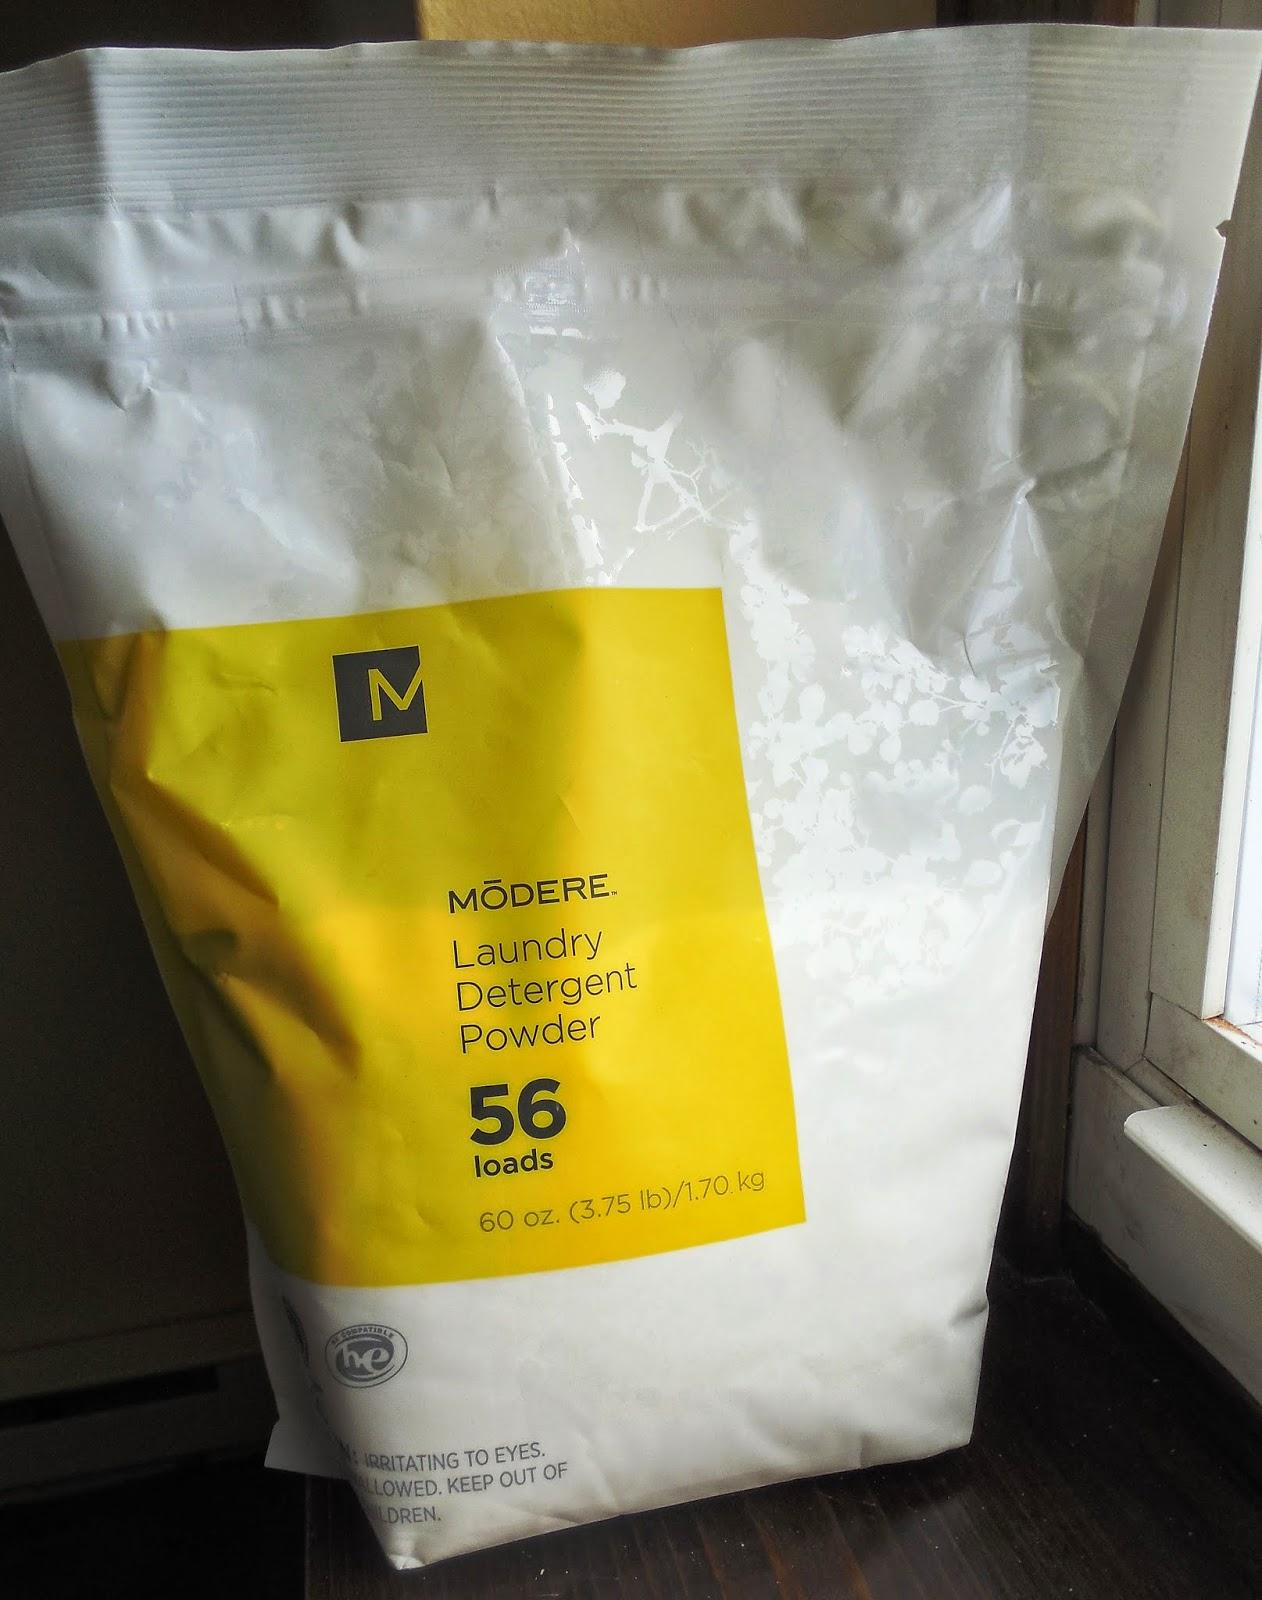 Modere Laundry Detergent Powder